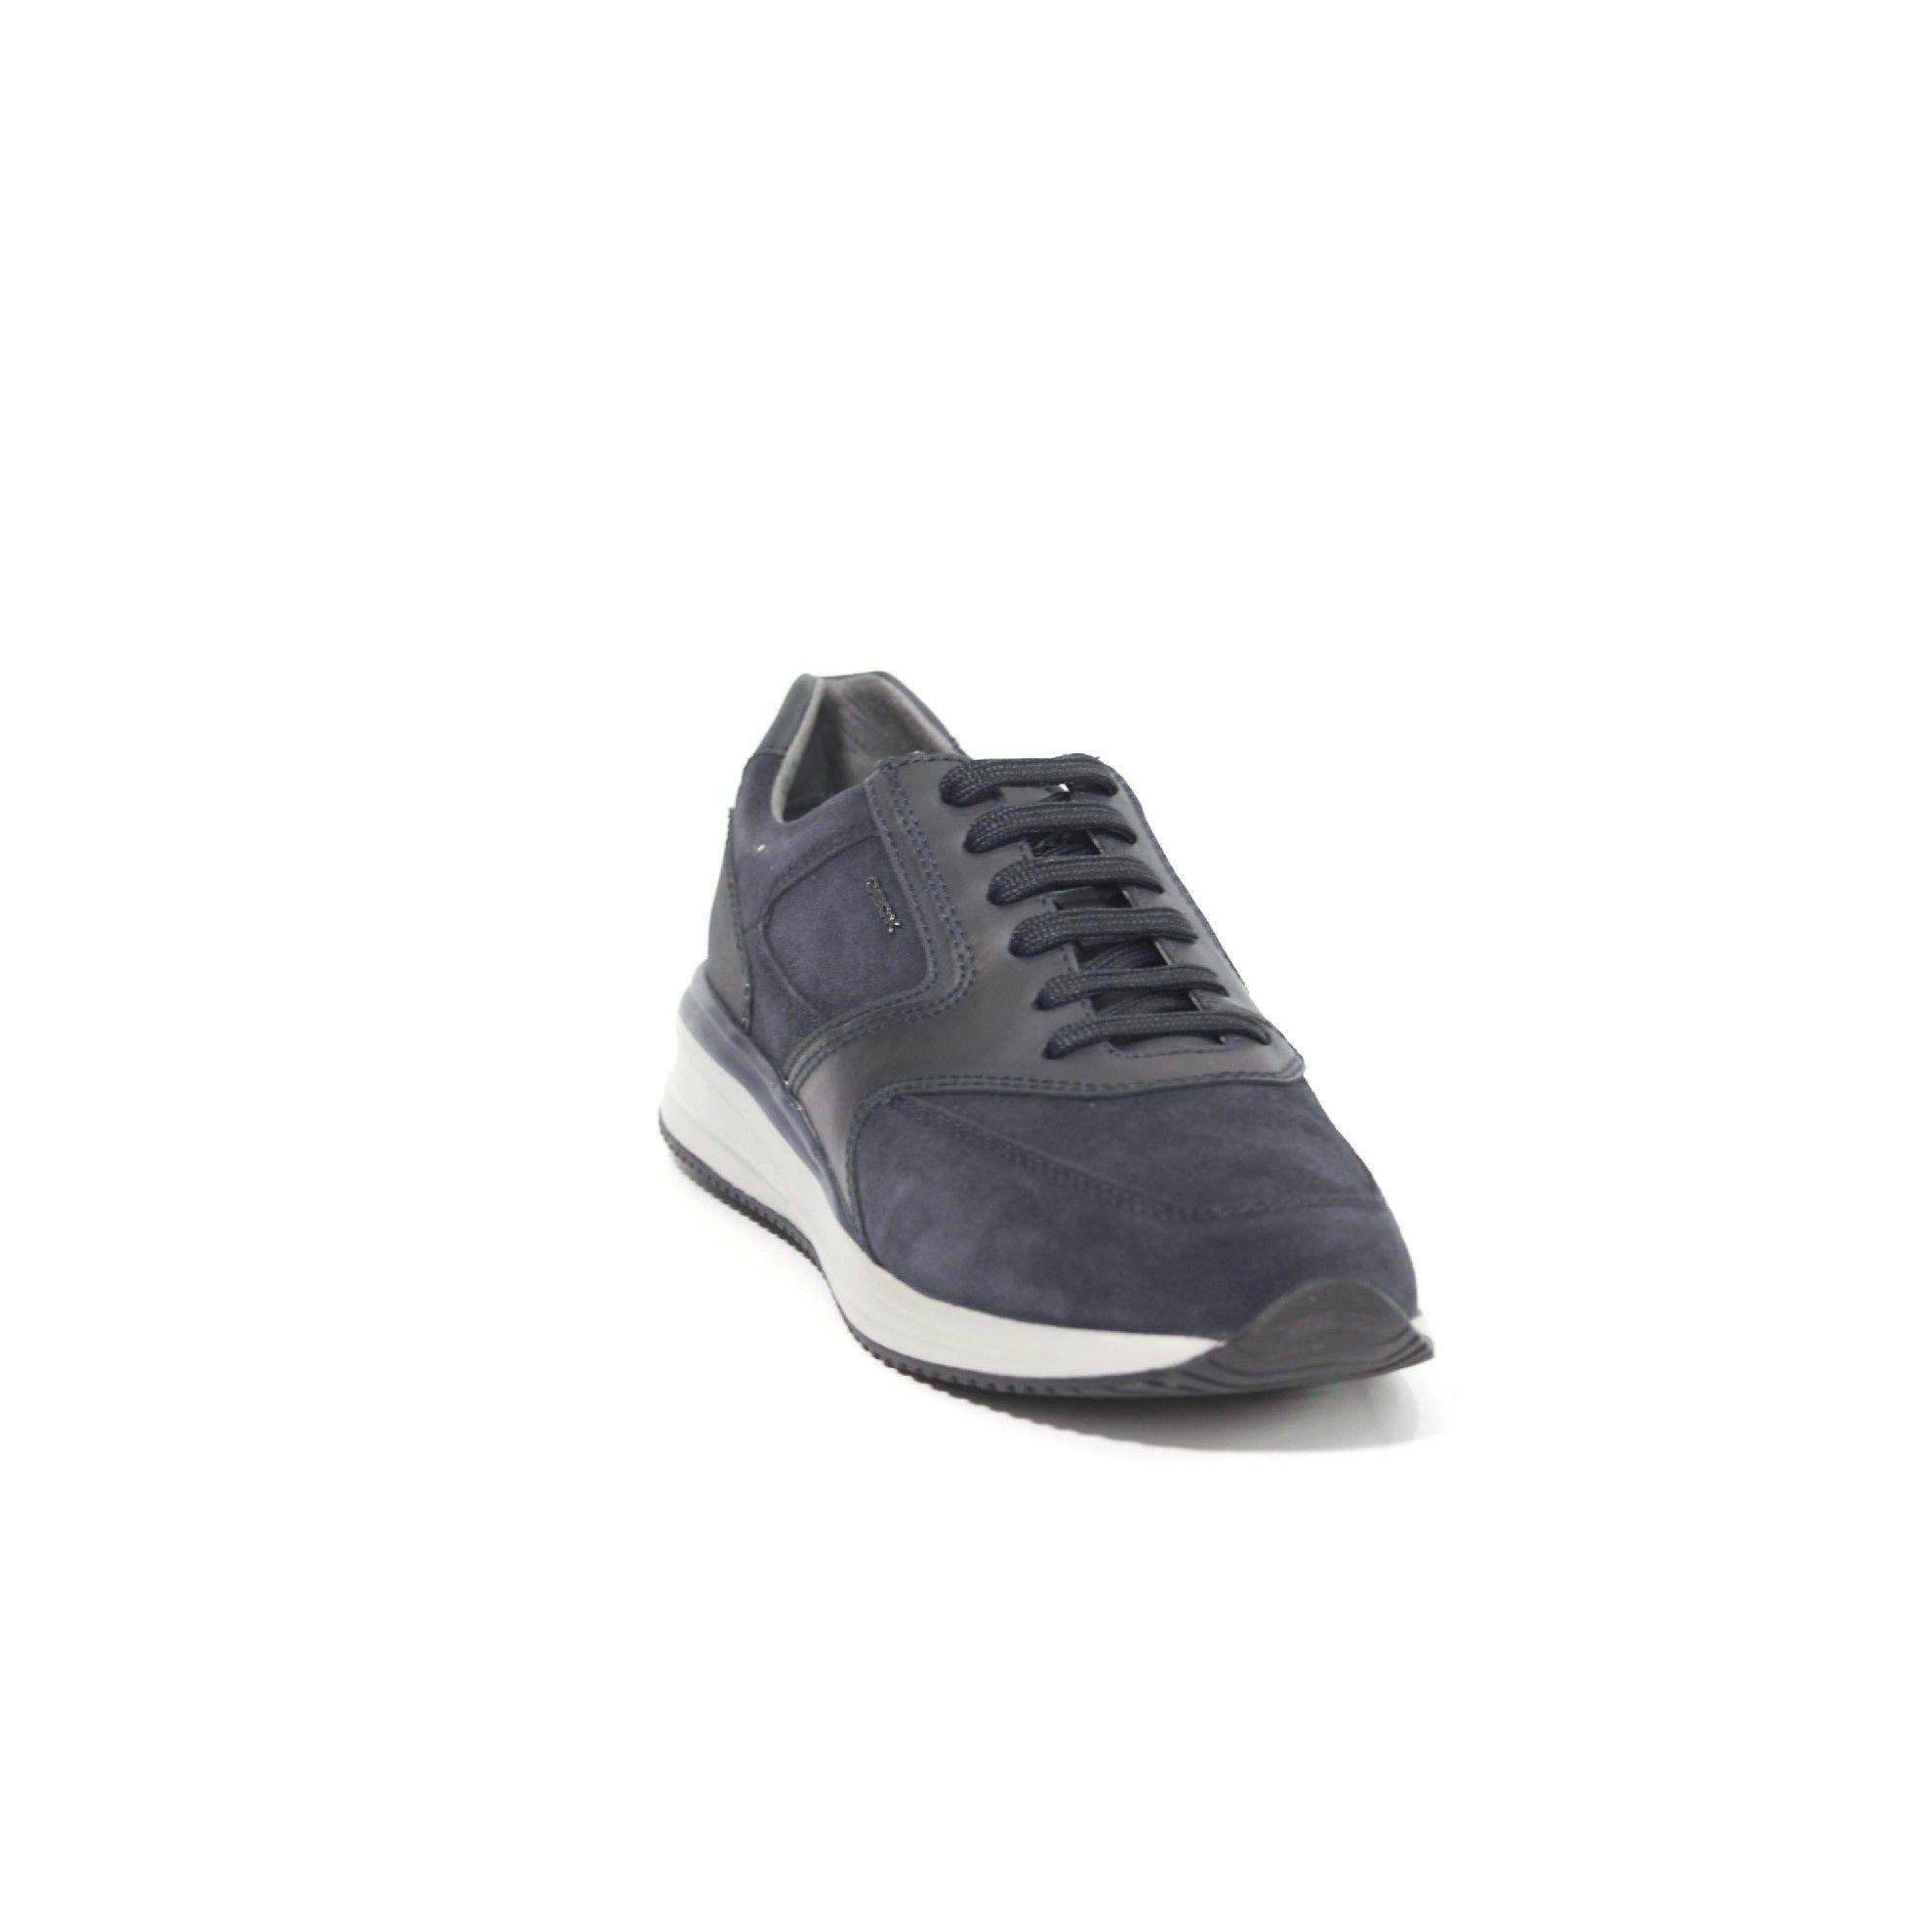 Geox sneaker dennie a in suede e pelle da uomo